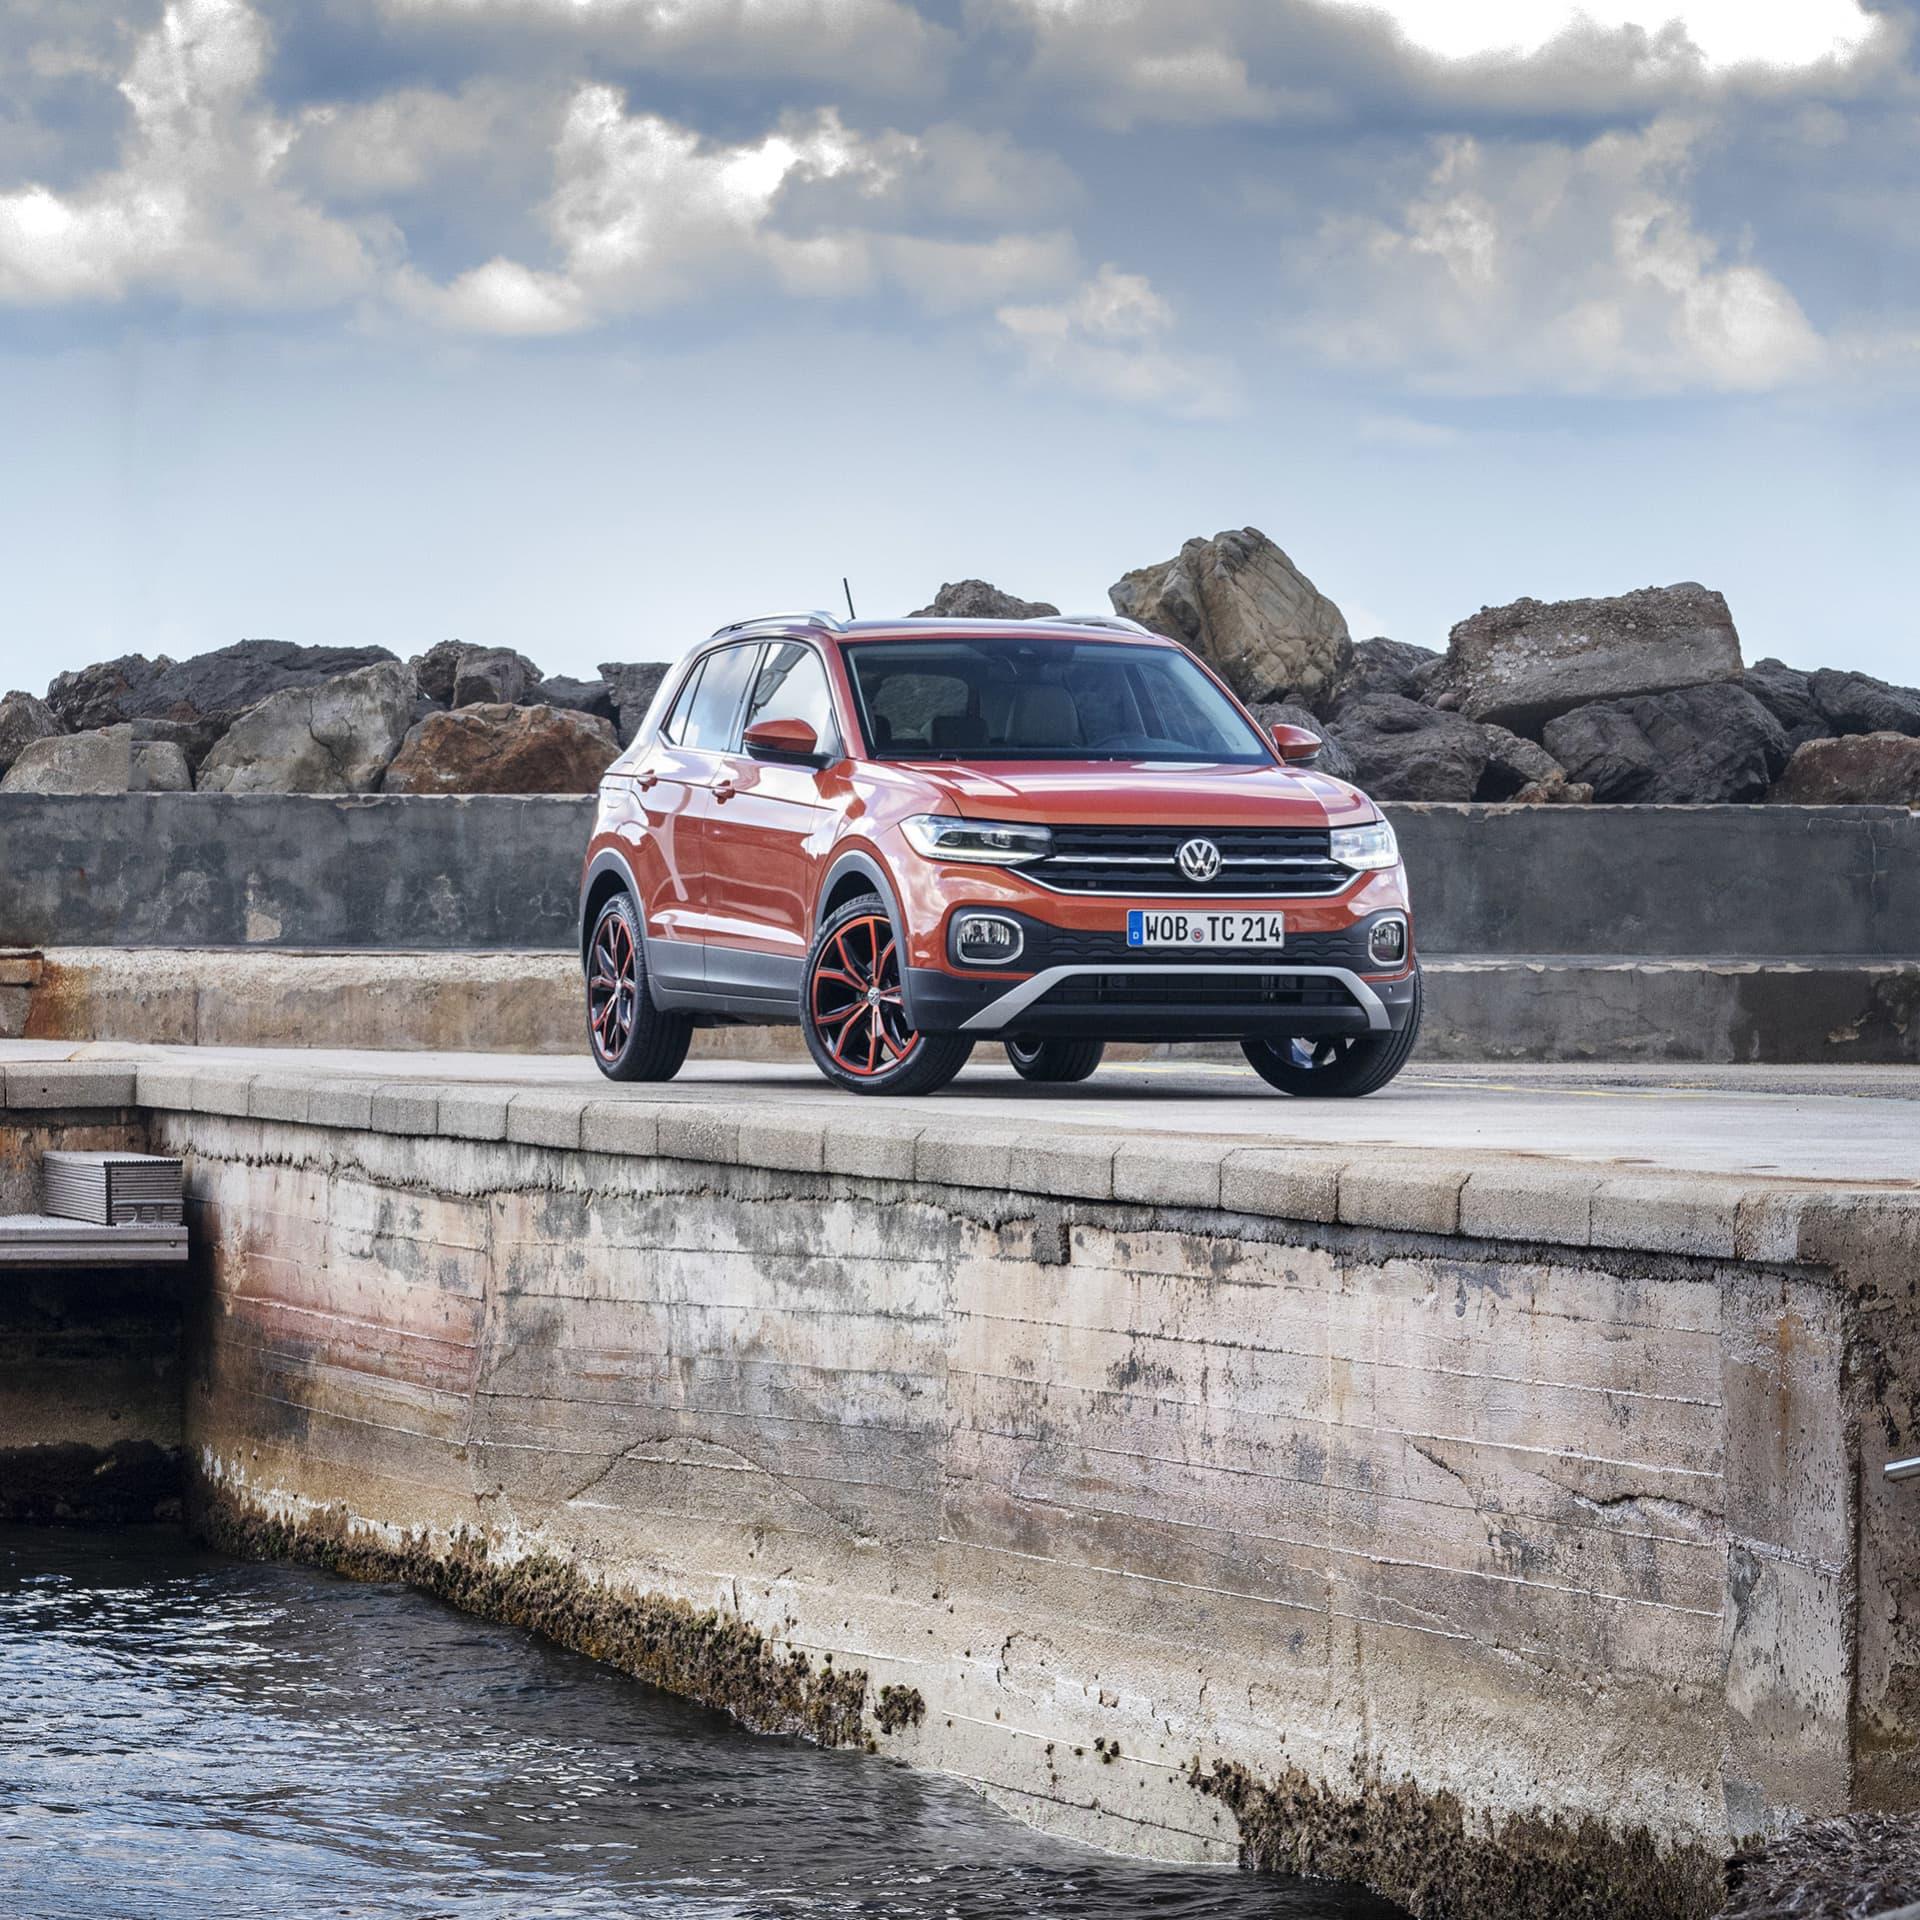 T-Cross har fått samma front som de övriga suvmodellerna från Volkswagen. Det är viktigt att tydligt känna släktbanden mellan de olika modellerna.